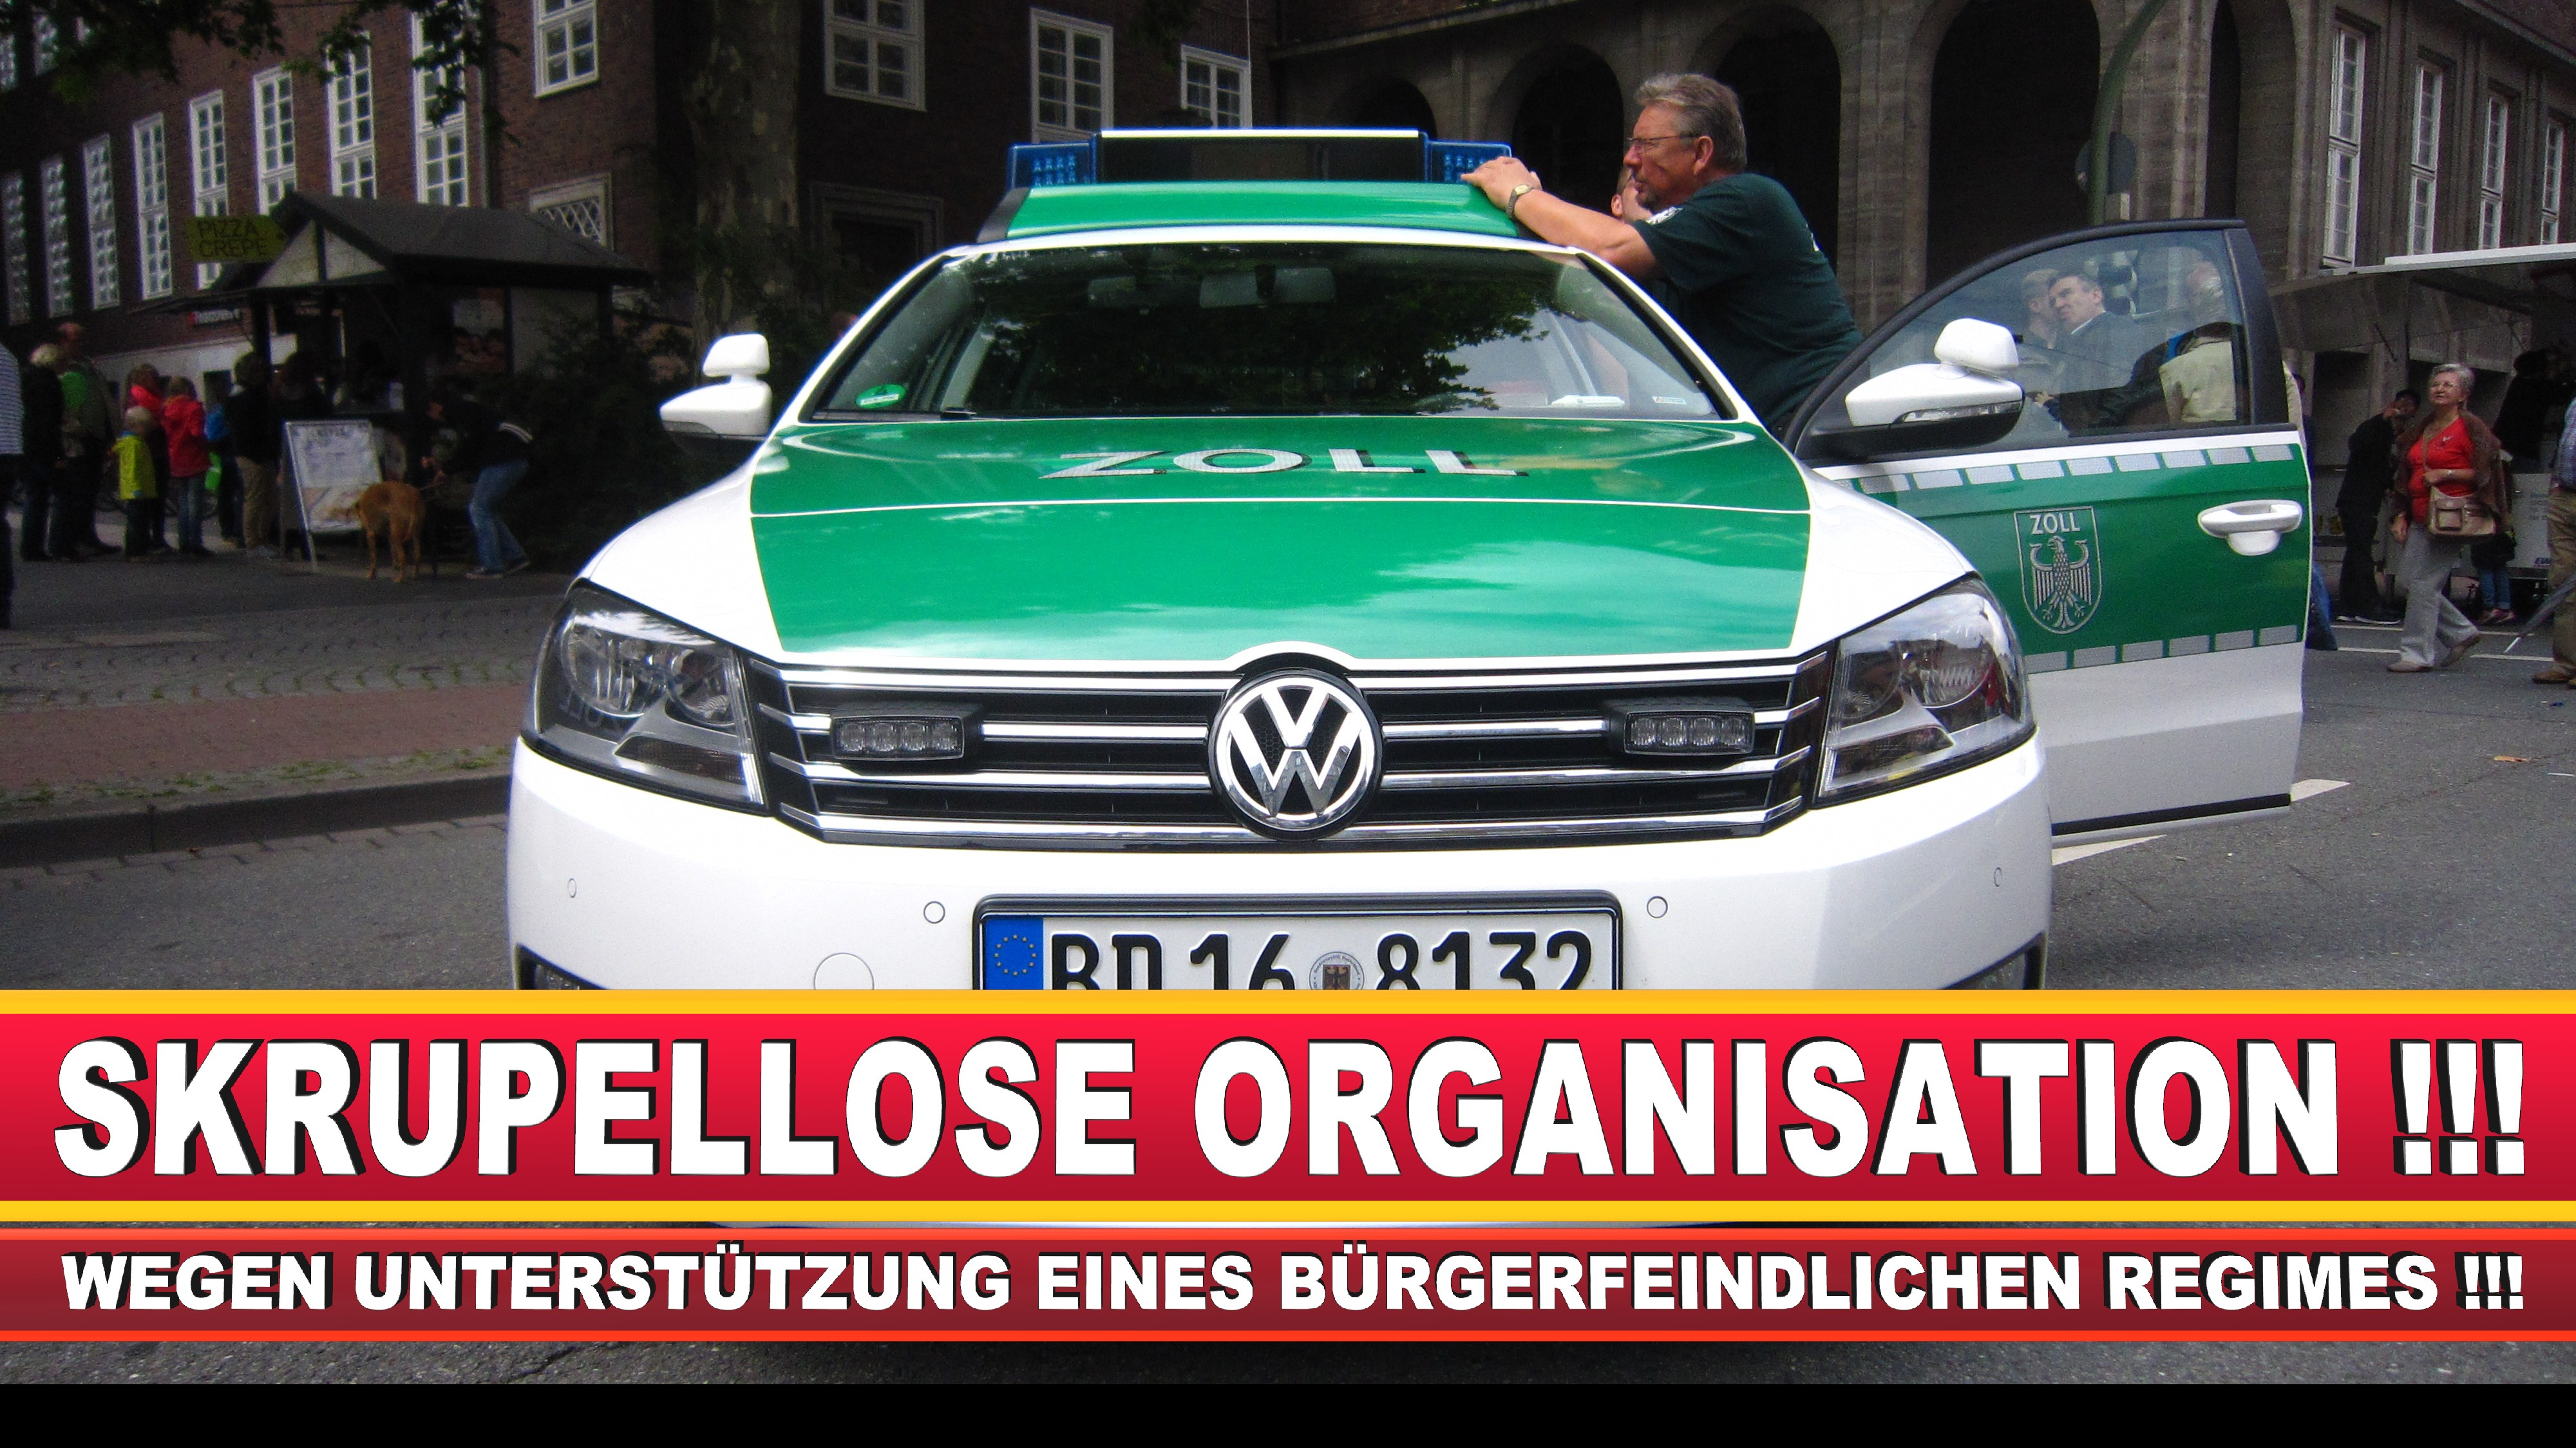 Polizeipräsidentin Katharina Giere Polizei Bielefeld NRW Erwin Südfeld Horst Kruse Polizeiuniform Polizeigewalt DEMONSTRATION Bahnhof (37)